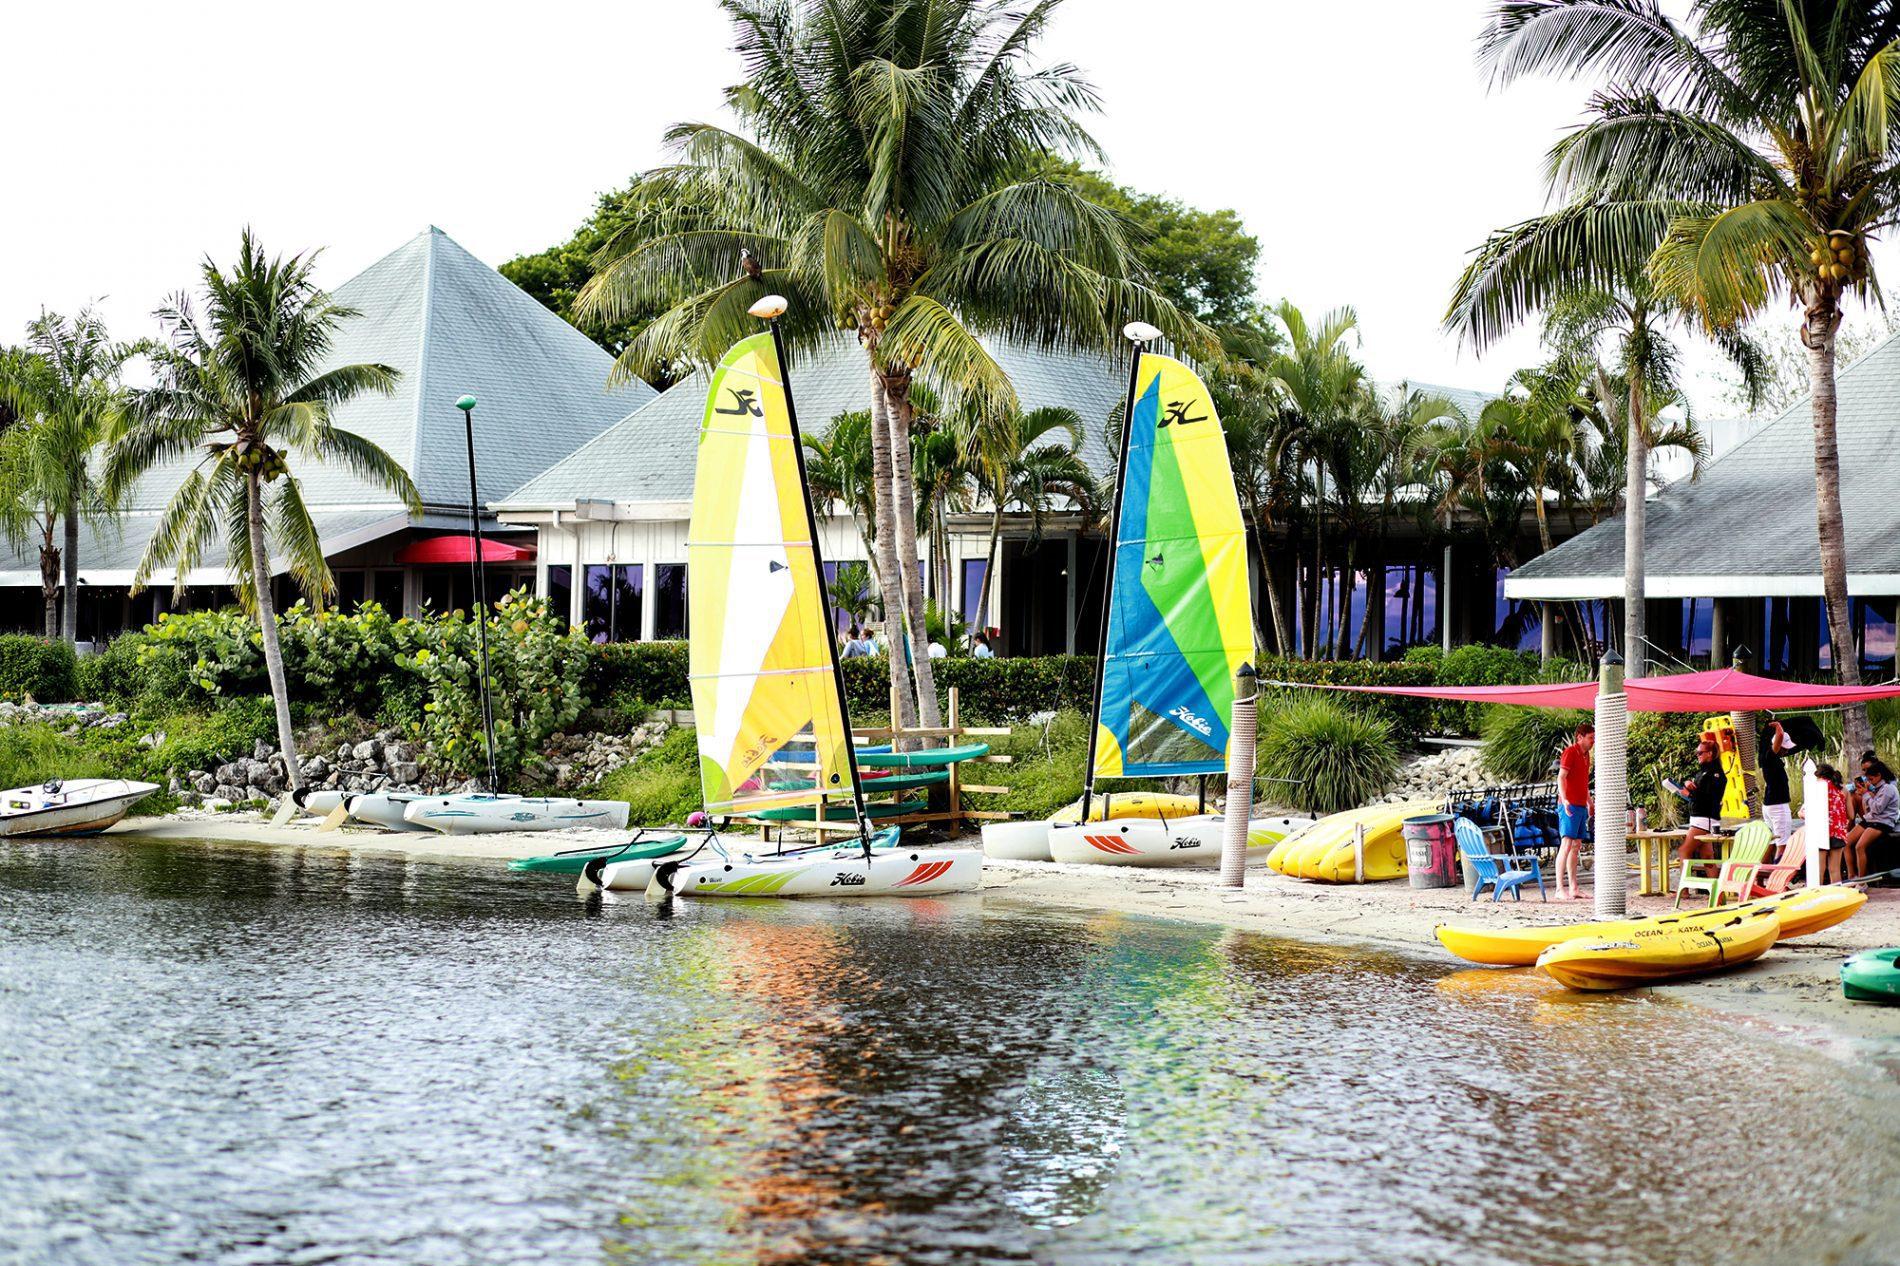 sailboats at the sandpiper bay resort